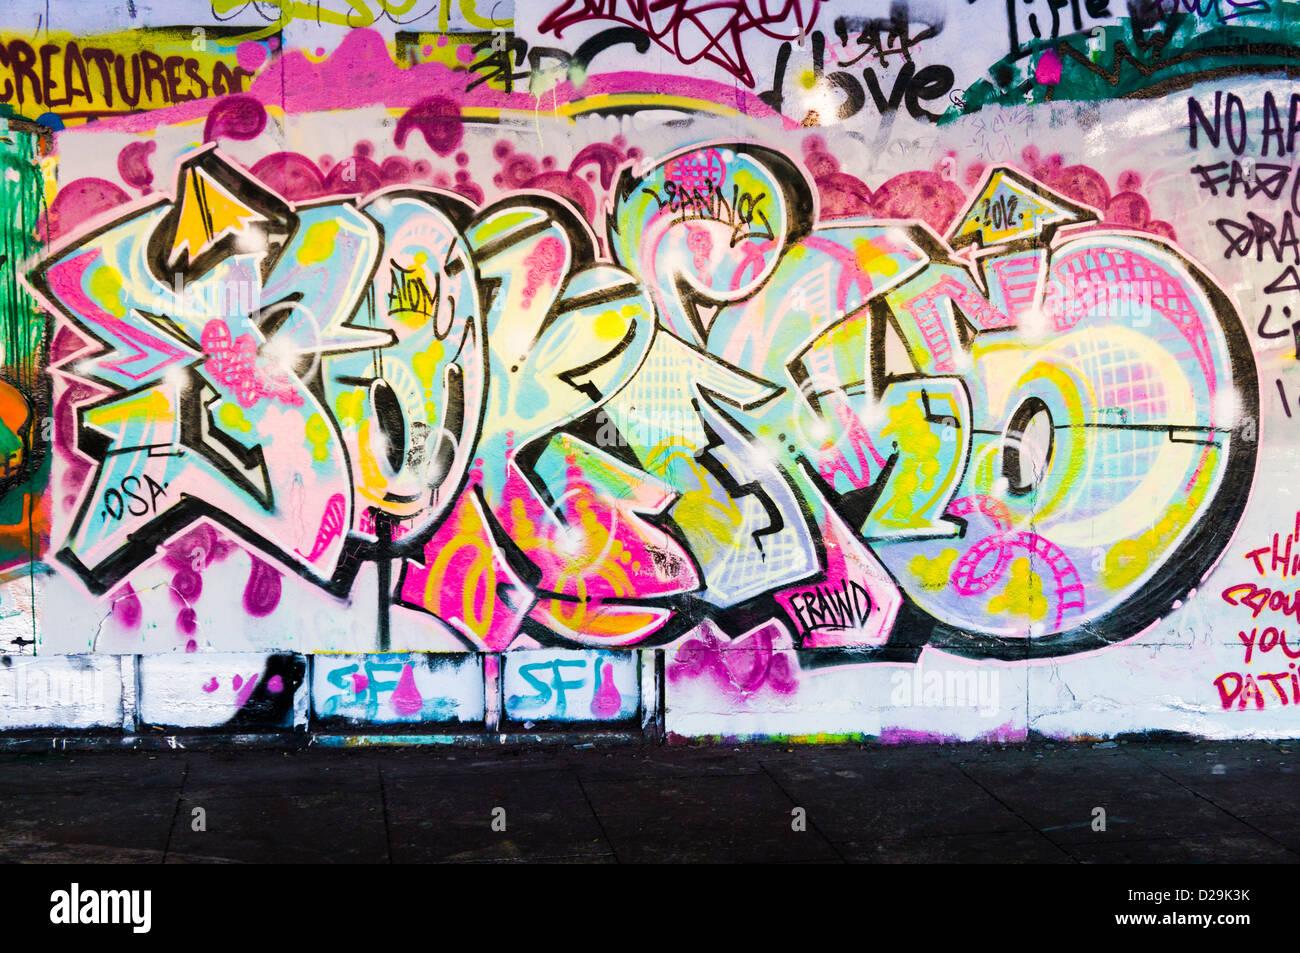 Graffiti su un muro, REGNO UNITO Immagini Stock